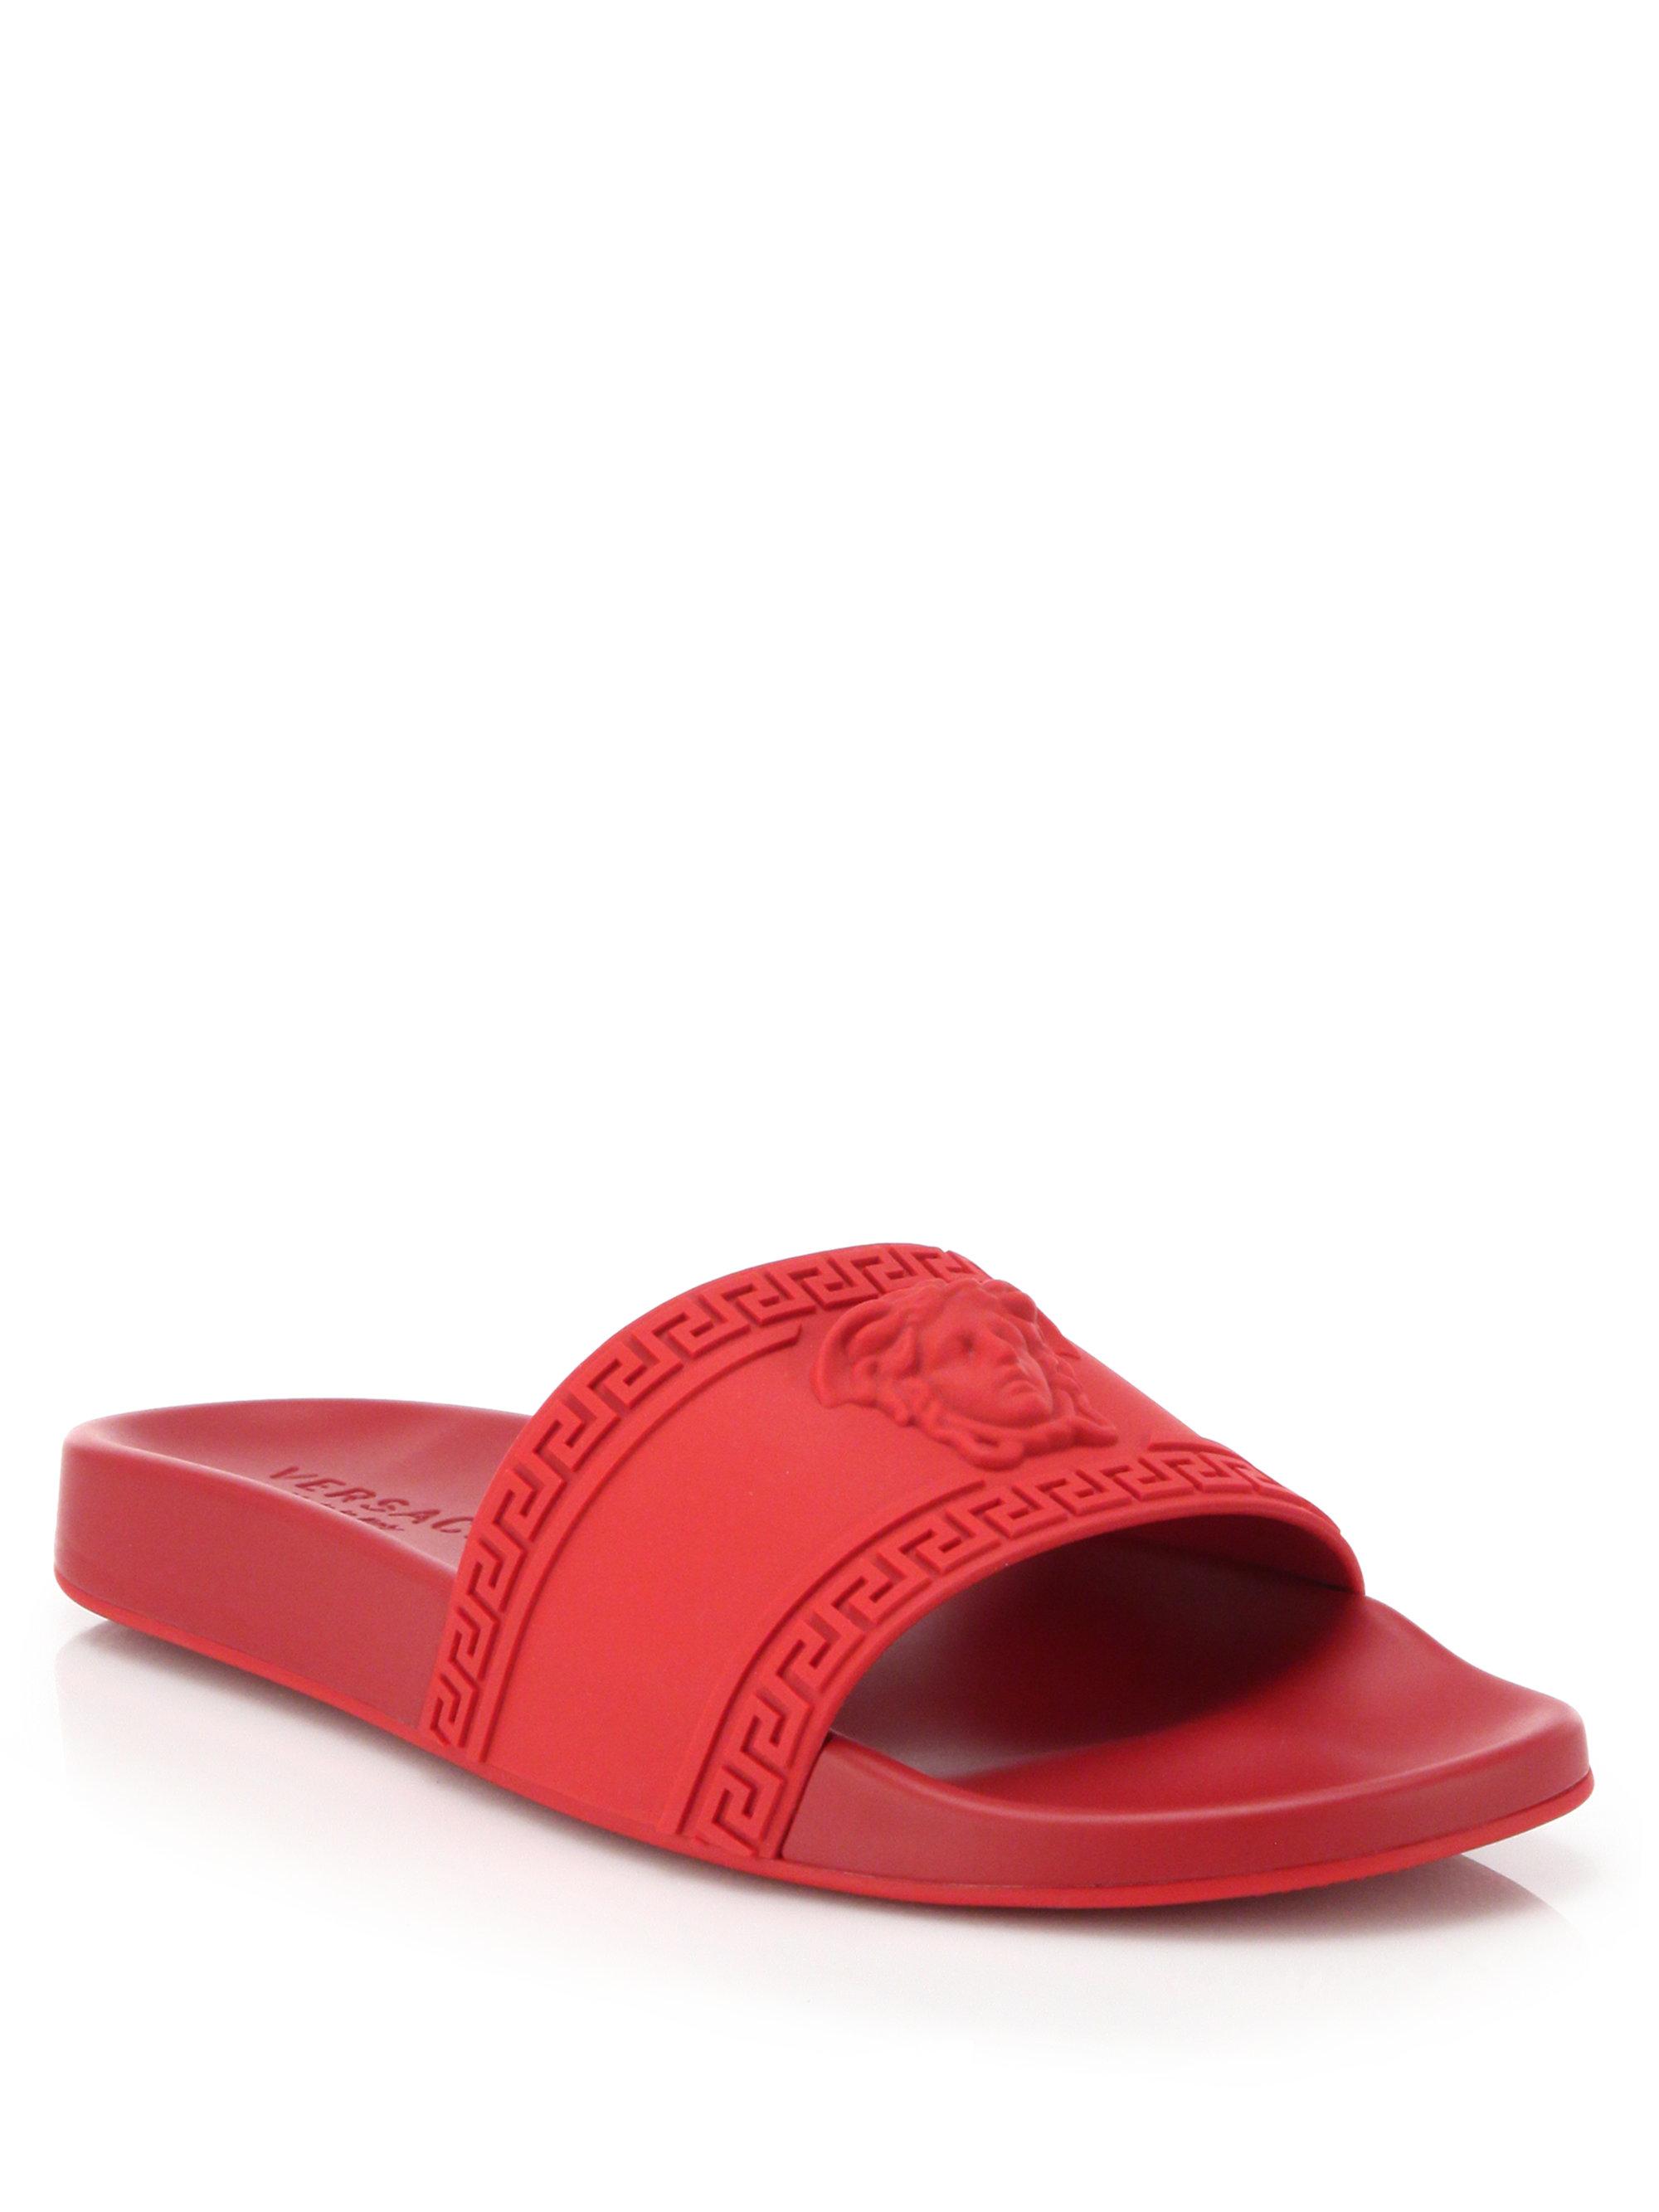 Designer Red Shoes Men